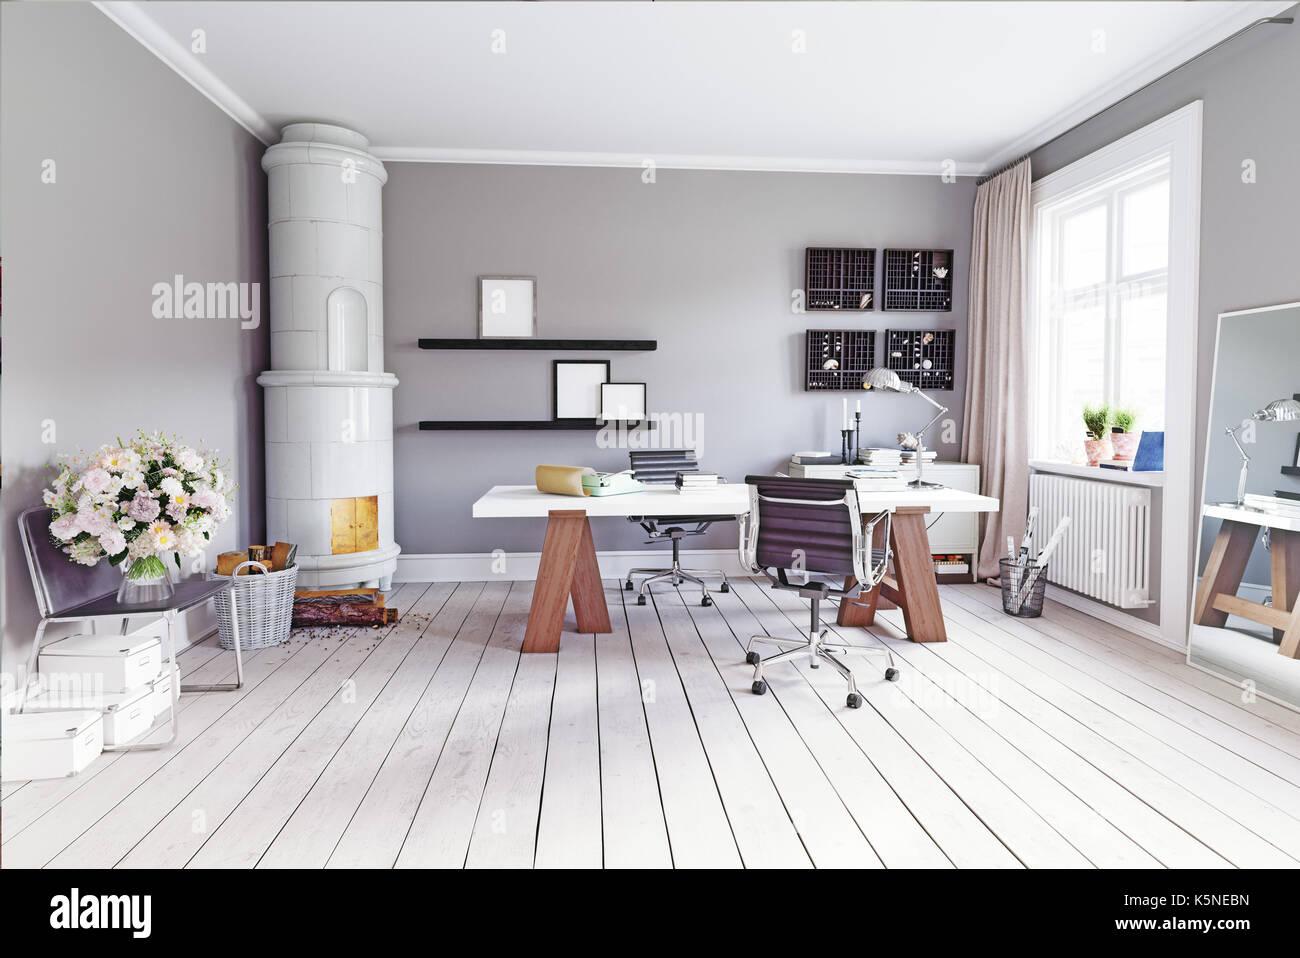 Moderne Zimmer mit klassischen schwedischen Herd, Tisch und Sesseln. 3D Rendering Stockbild